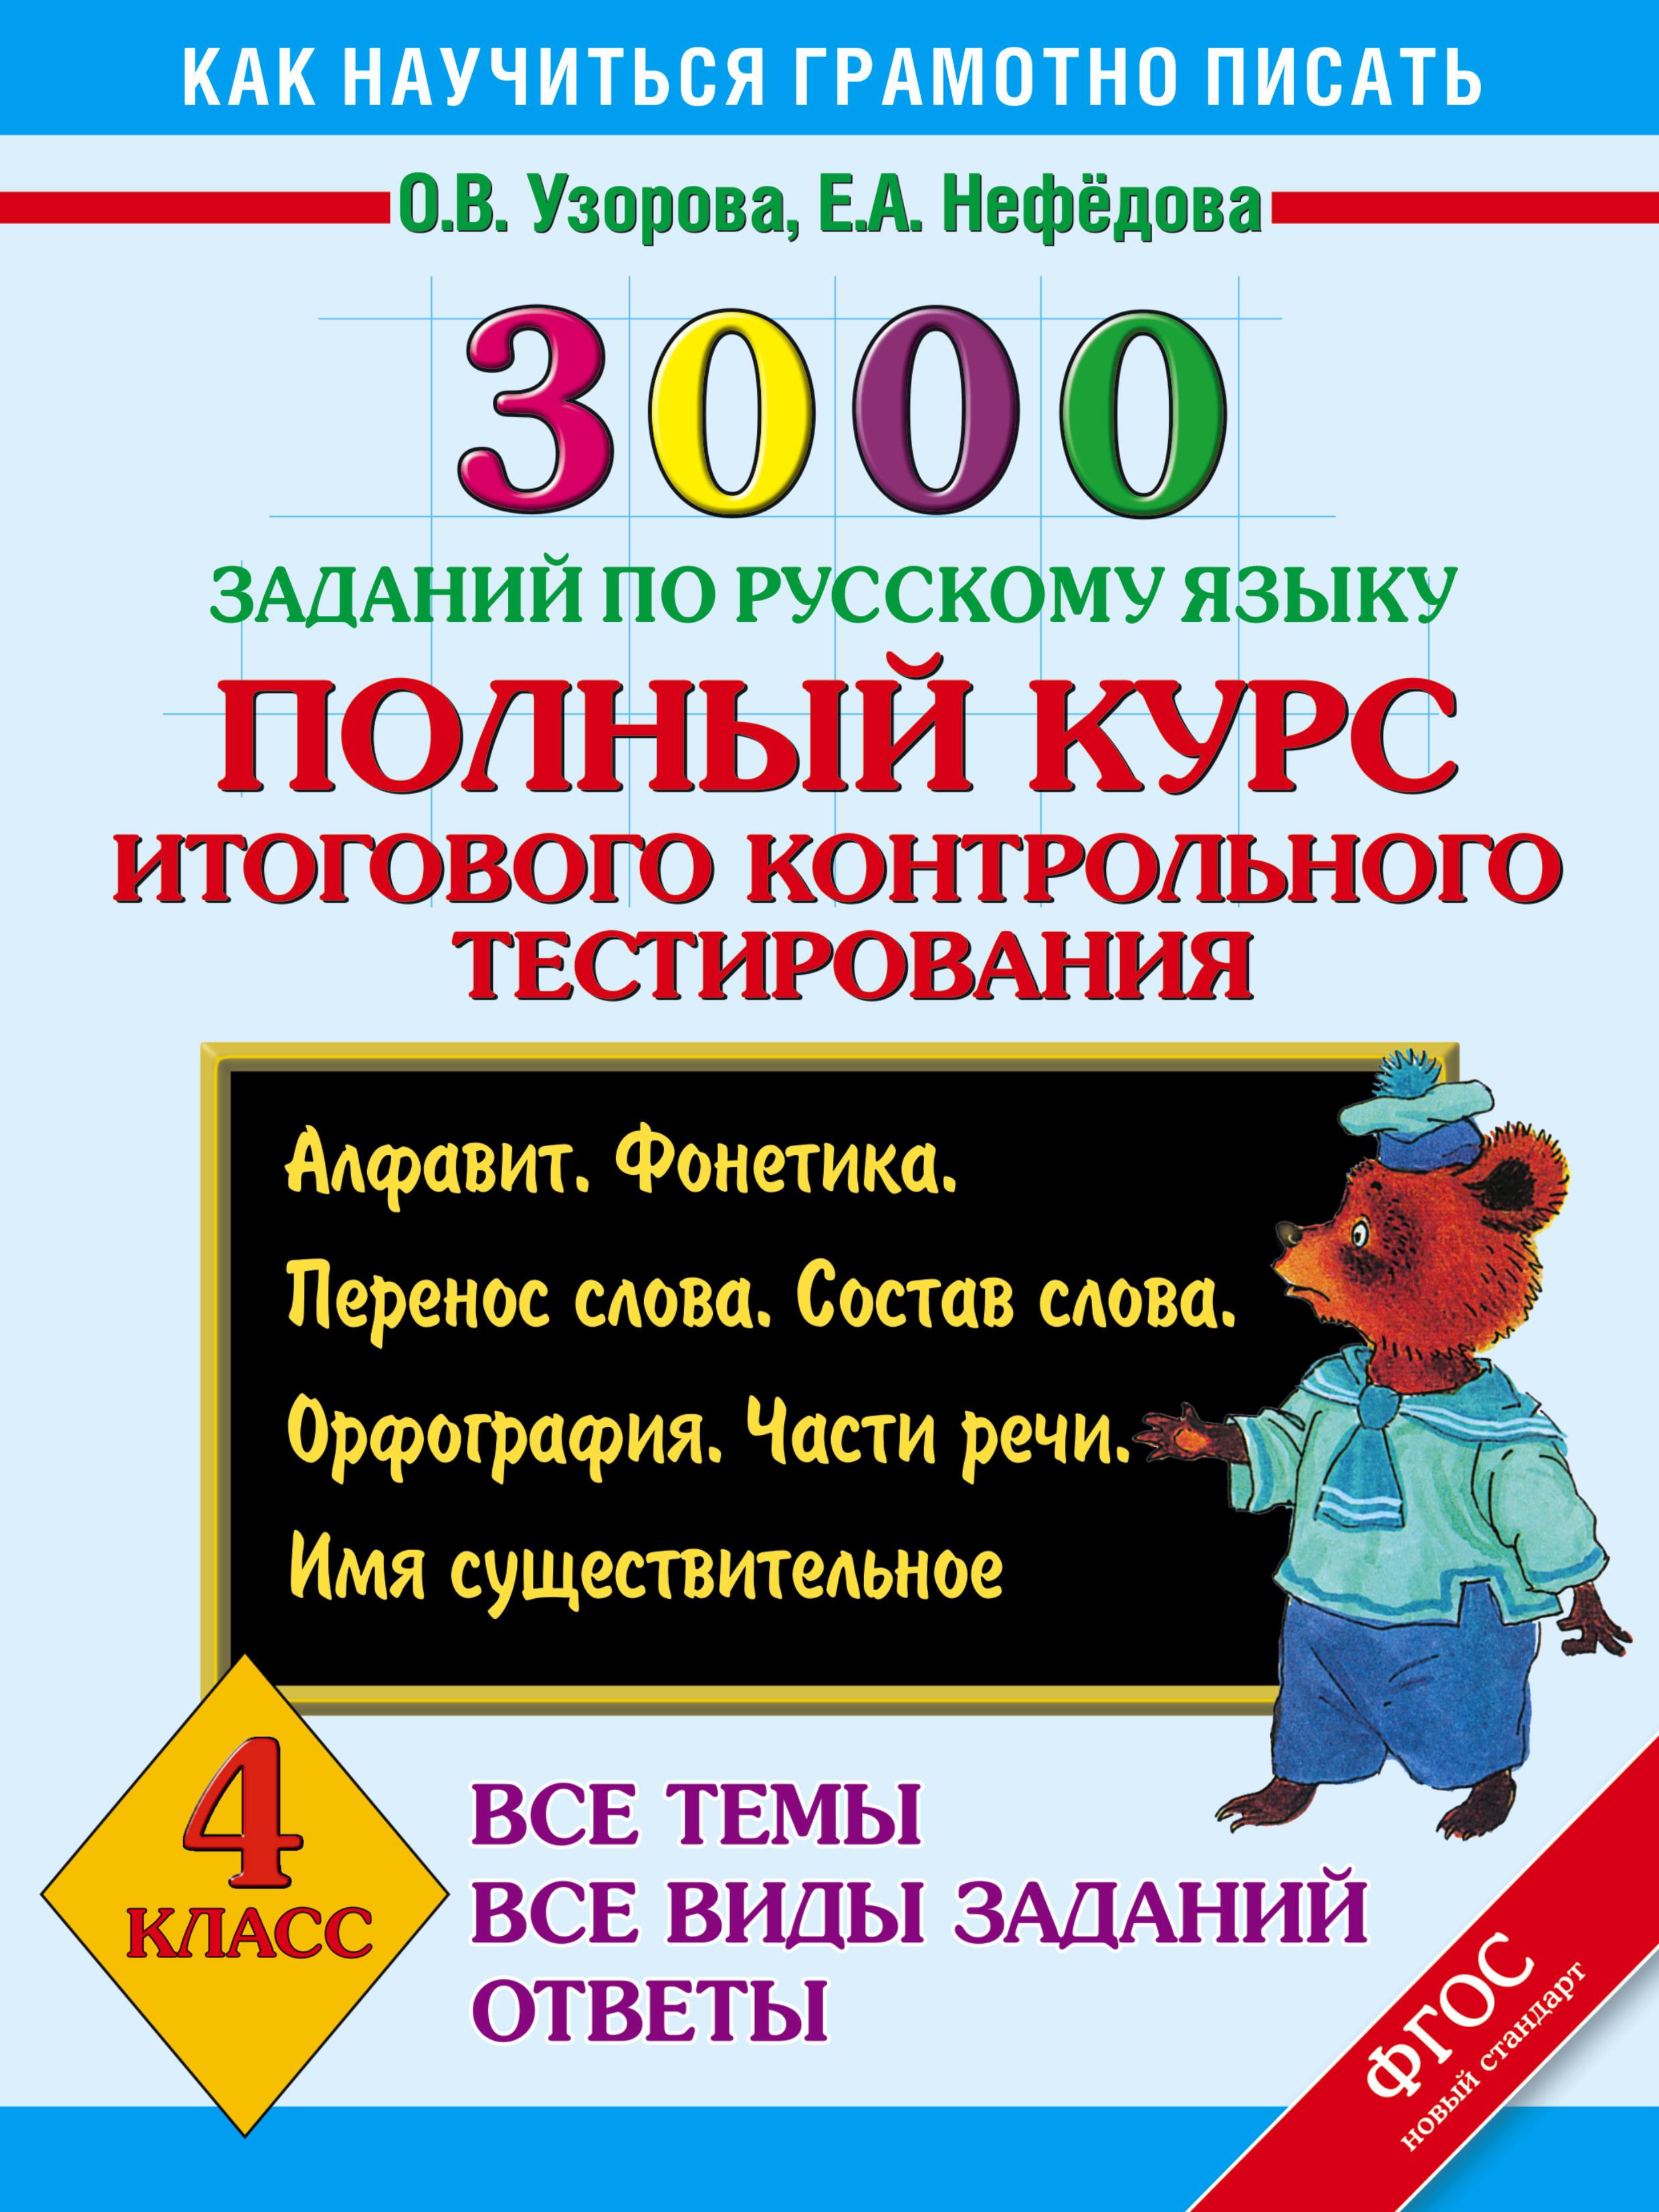 О. В. Узорова, Е. А. Нефедова. 3000 заданий по русскому языку. Полный курс итогового контрольного тестирования. Все темы. Все виды заданий. Ответы. 4 класс